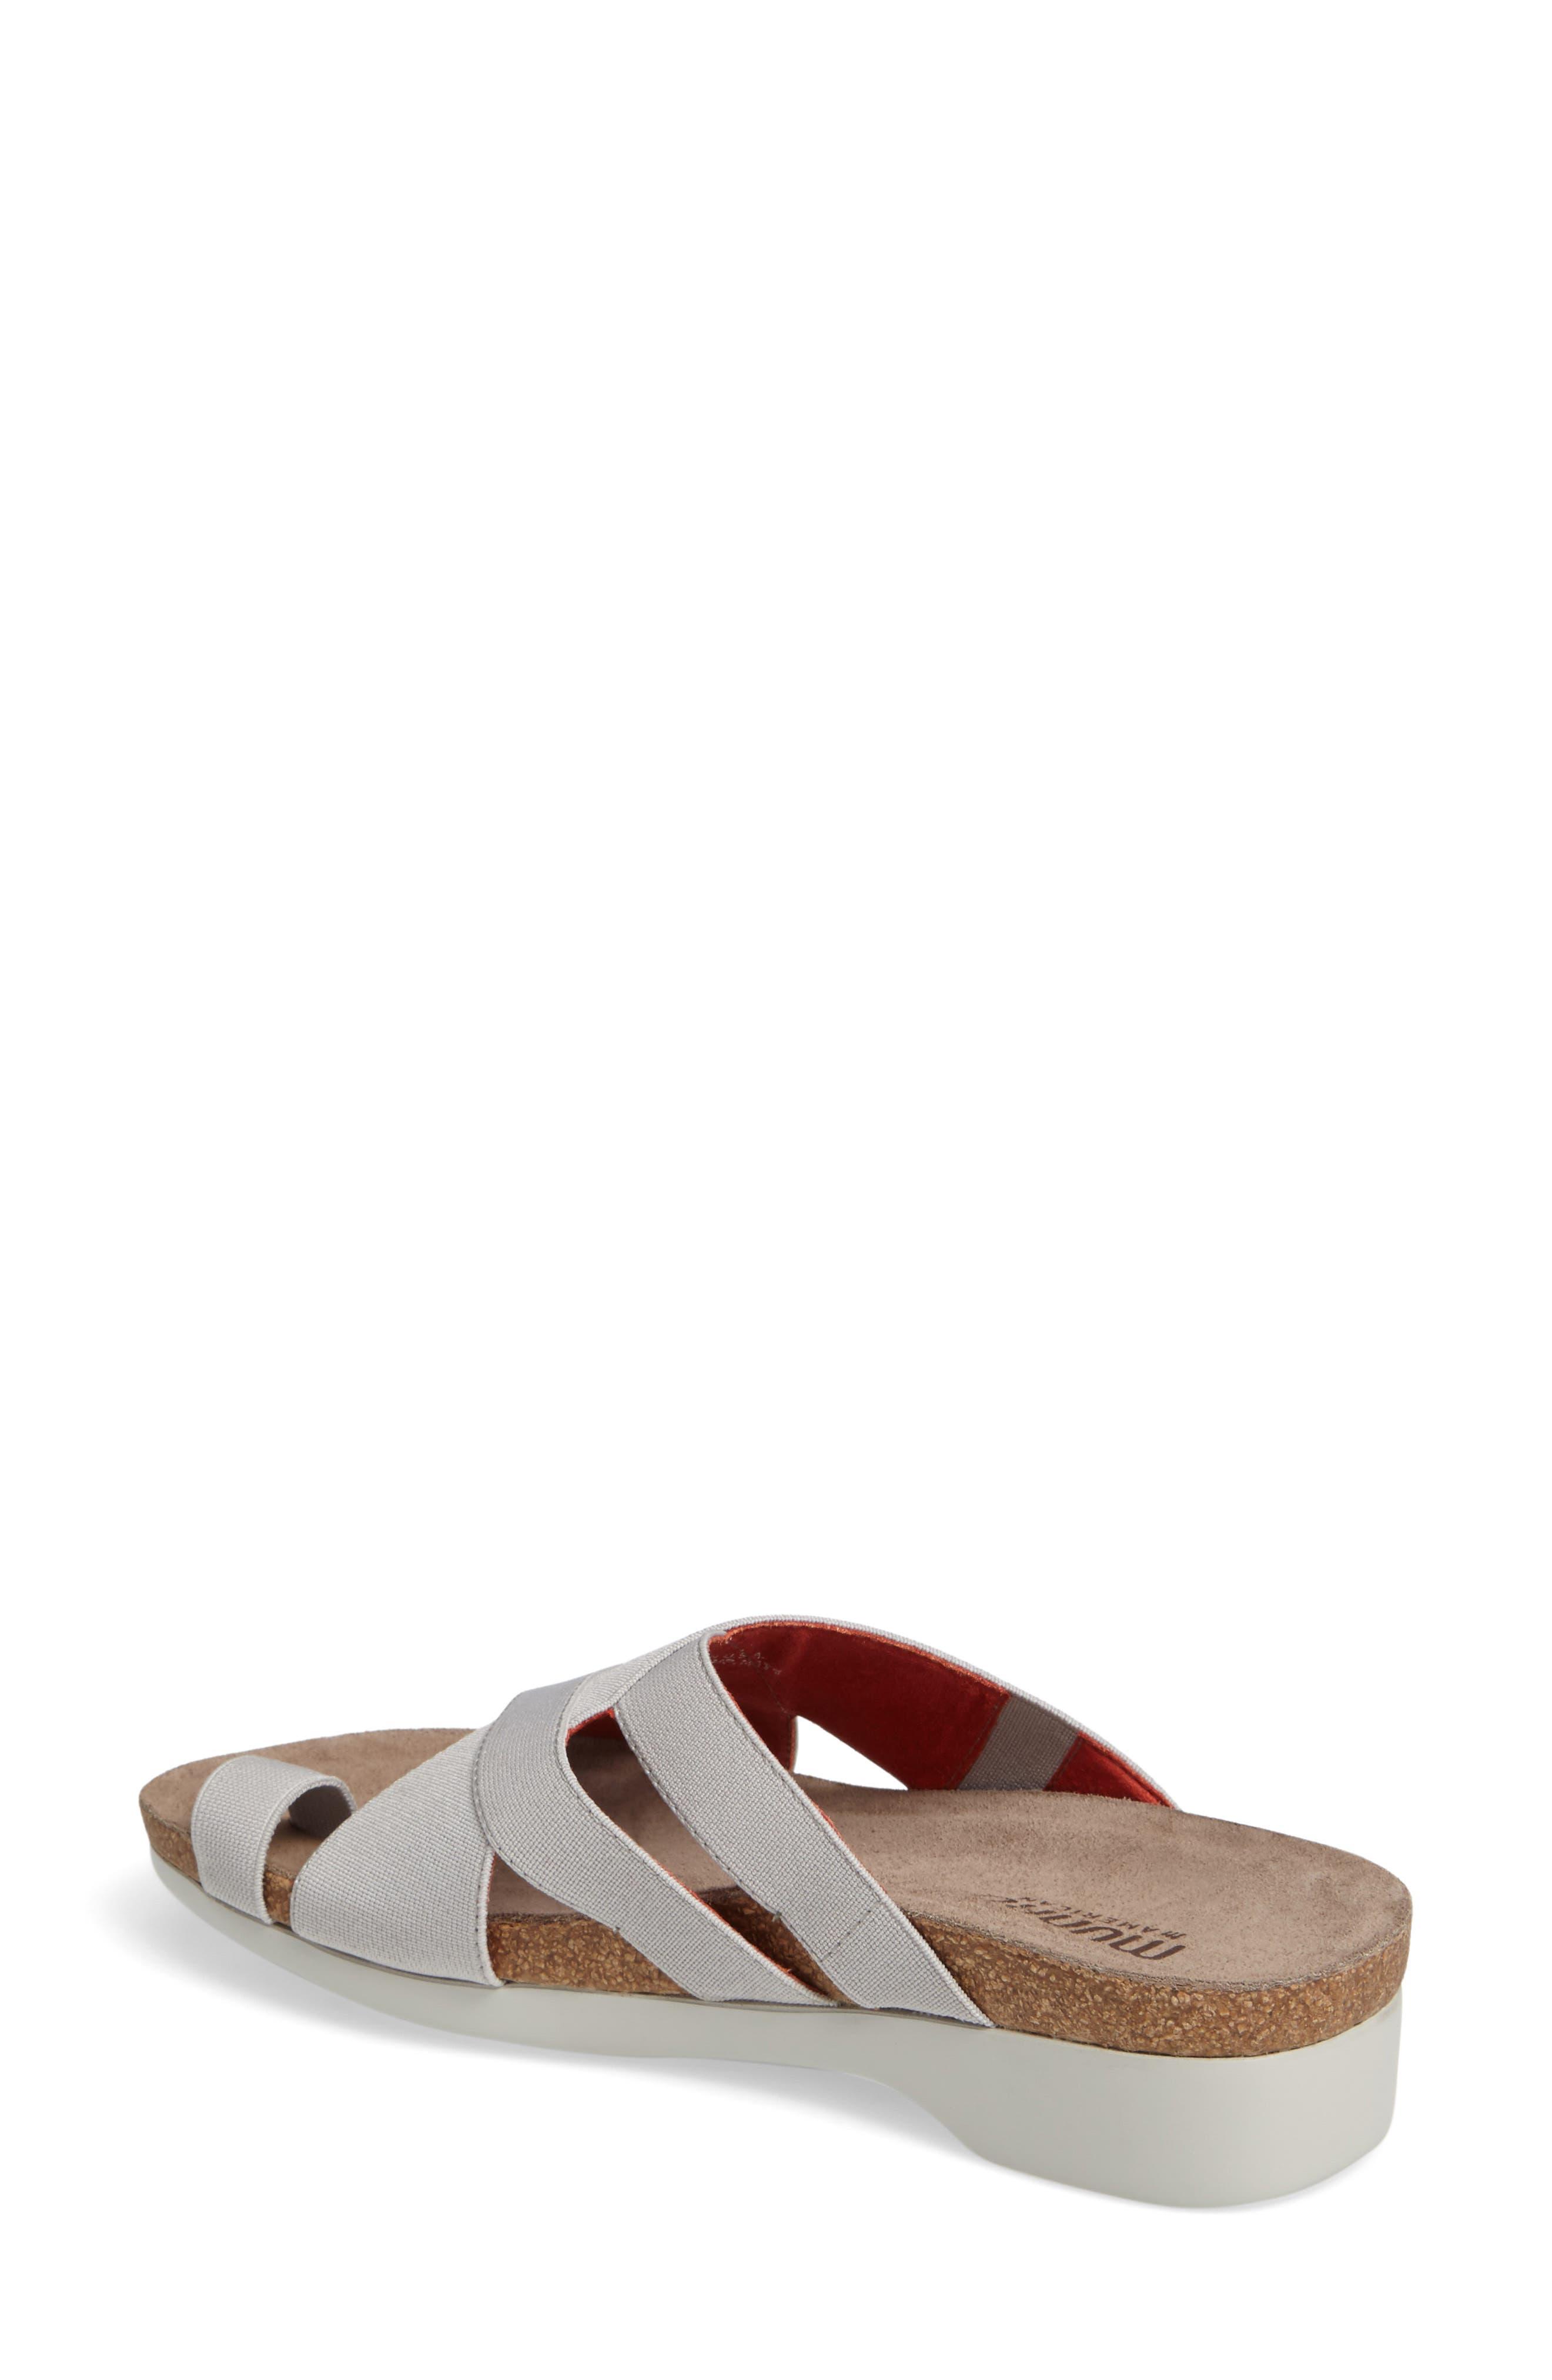 Delphi Slide Sandal,                             Alternate thumbnail 6, color,